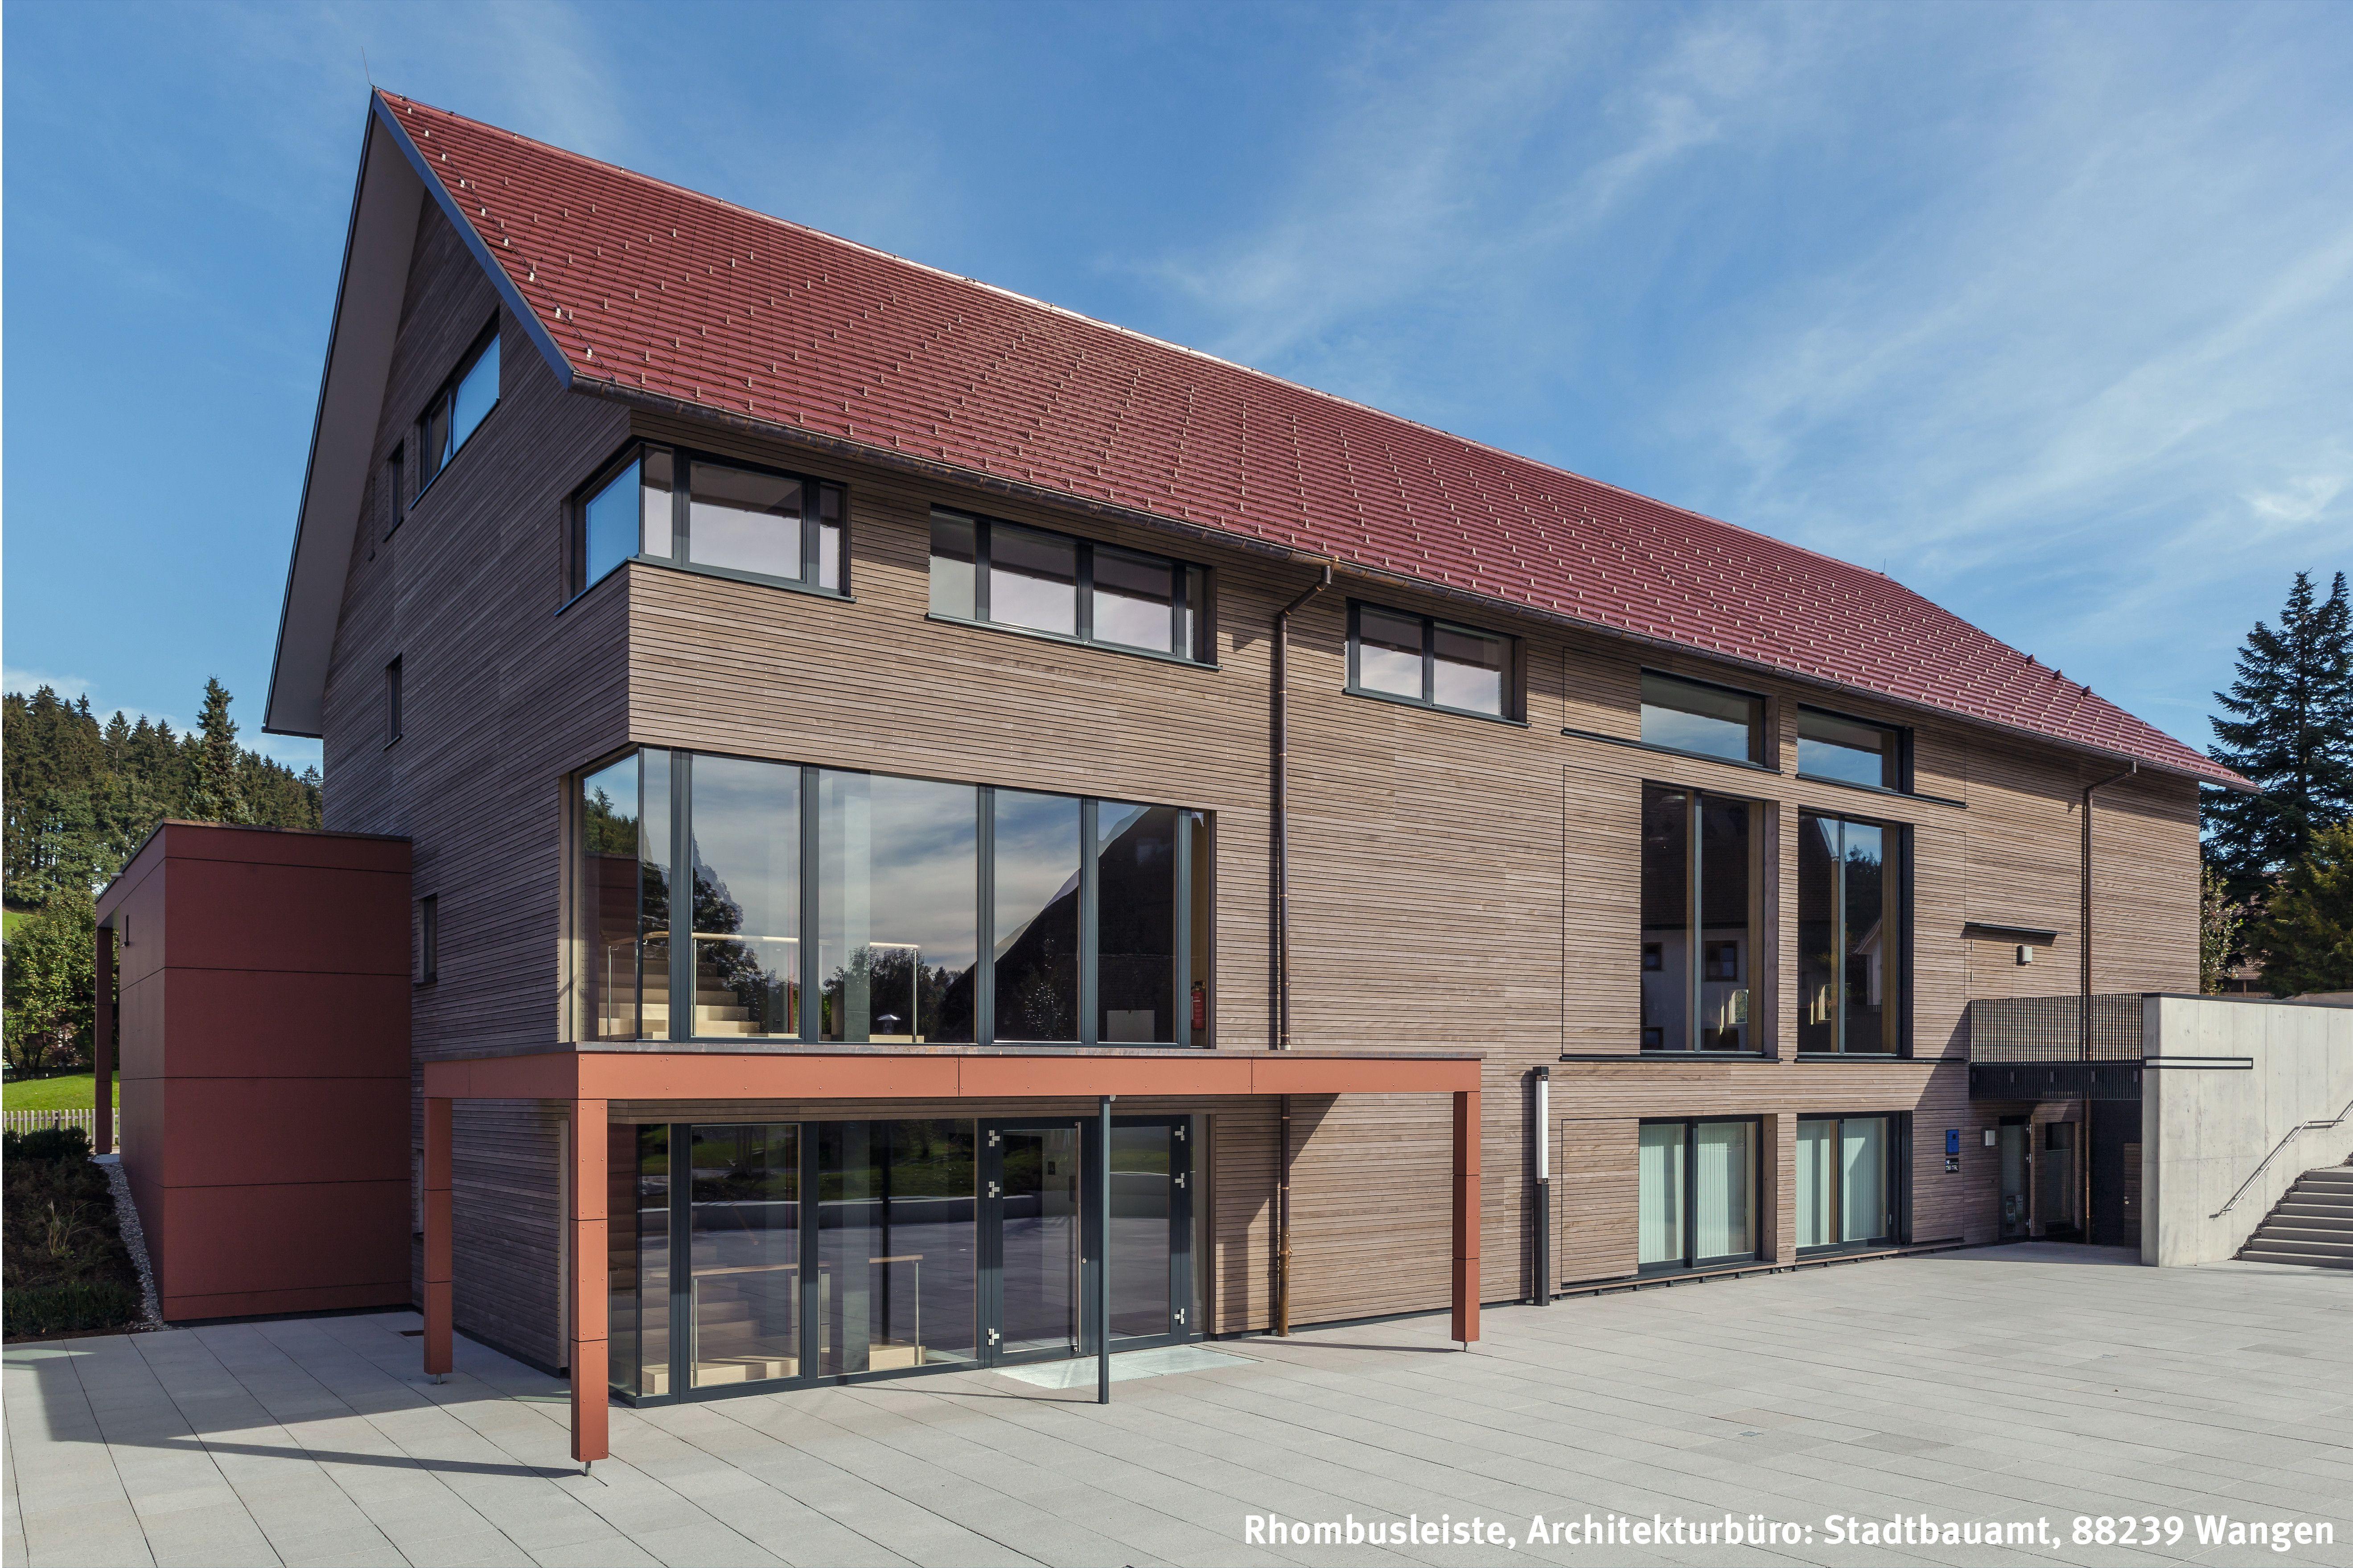 dorfgemeinschaftshaus mit grauer massivholzfassade in. Black Bedroom Furniture Sets. Home Design Ideas